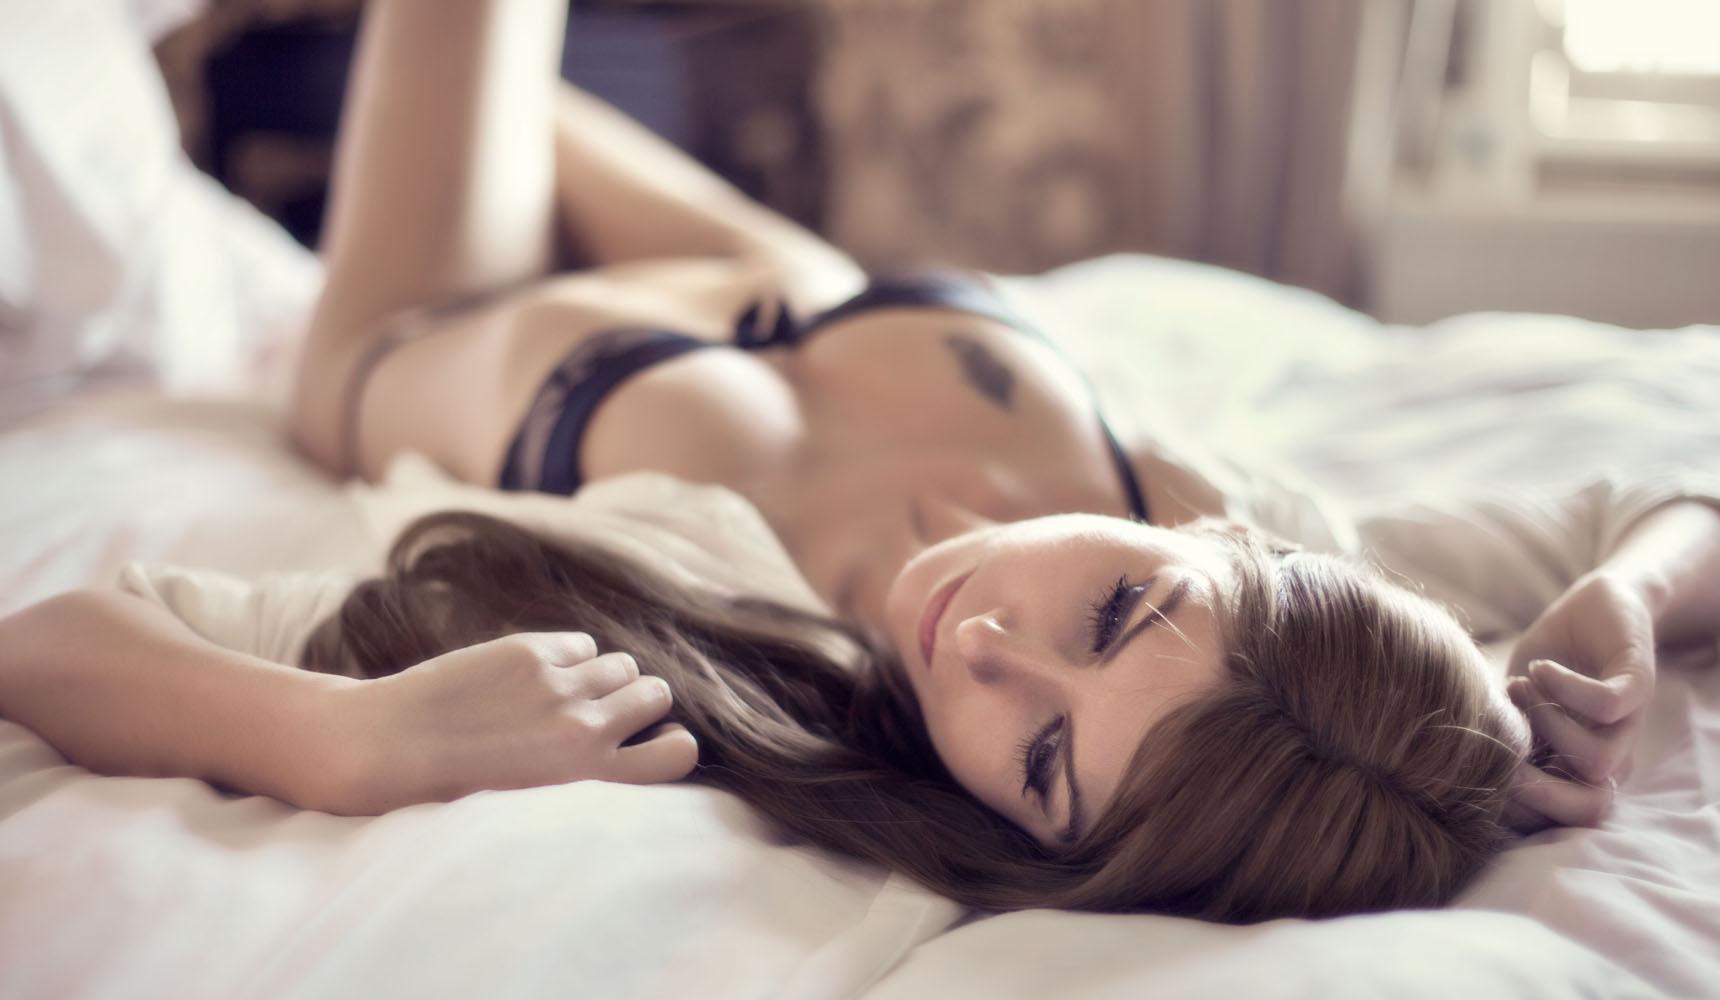 super porno hd massaggi erotici hard